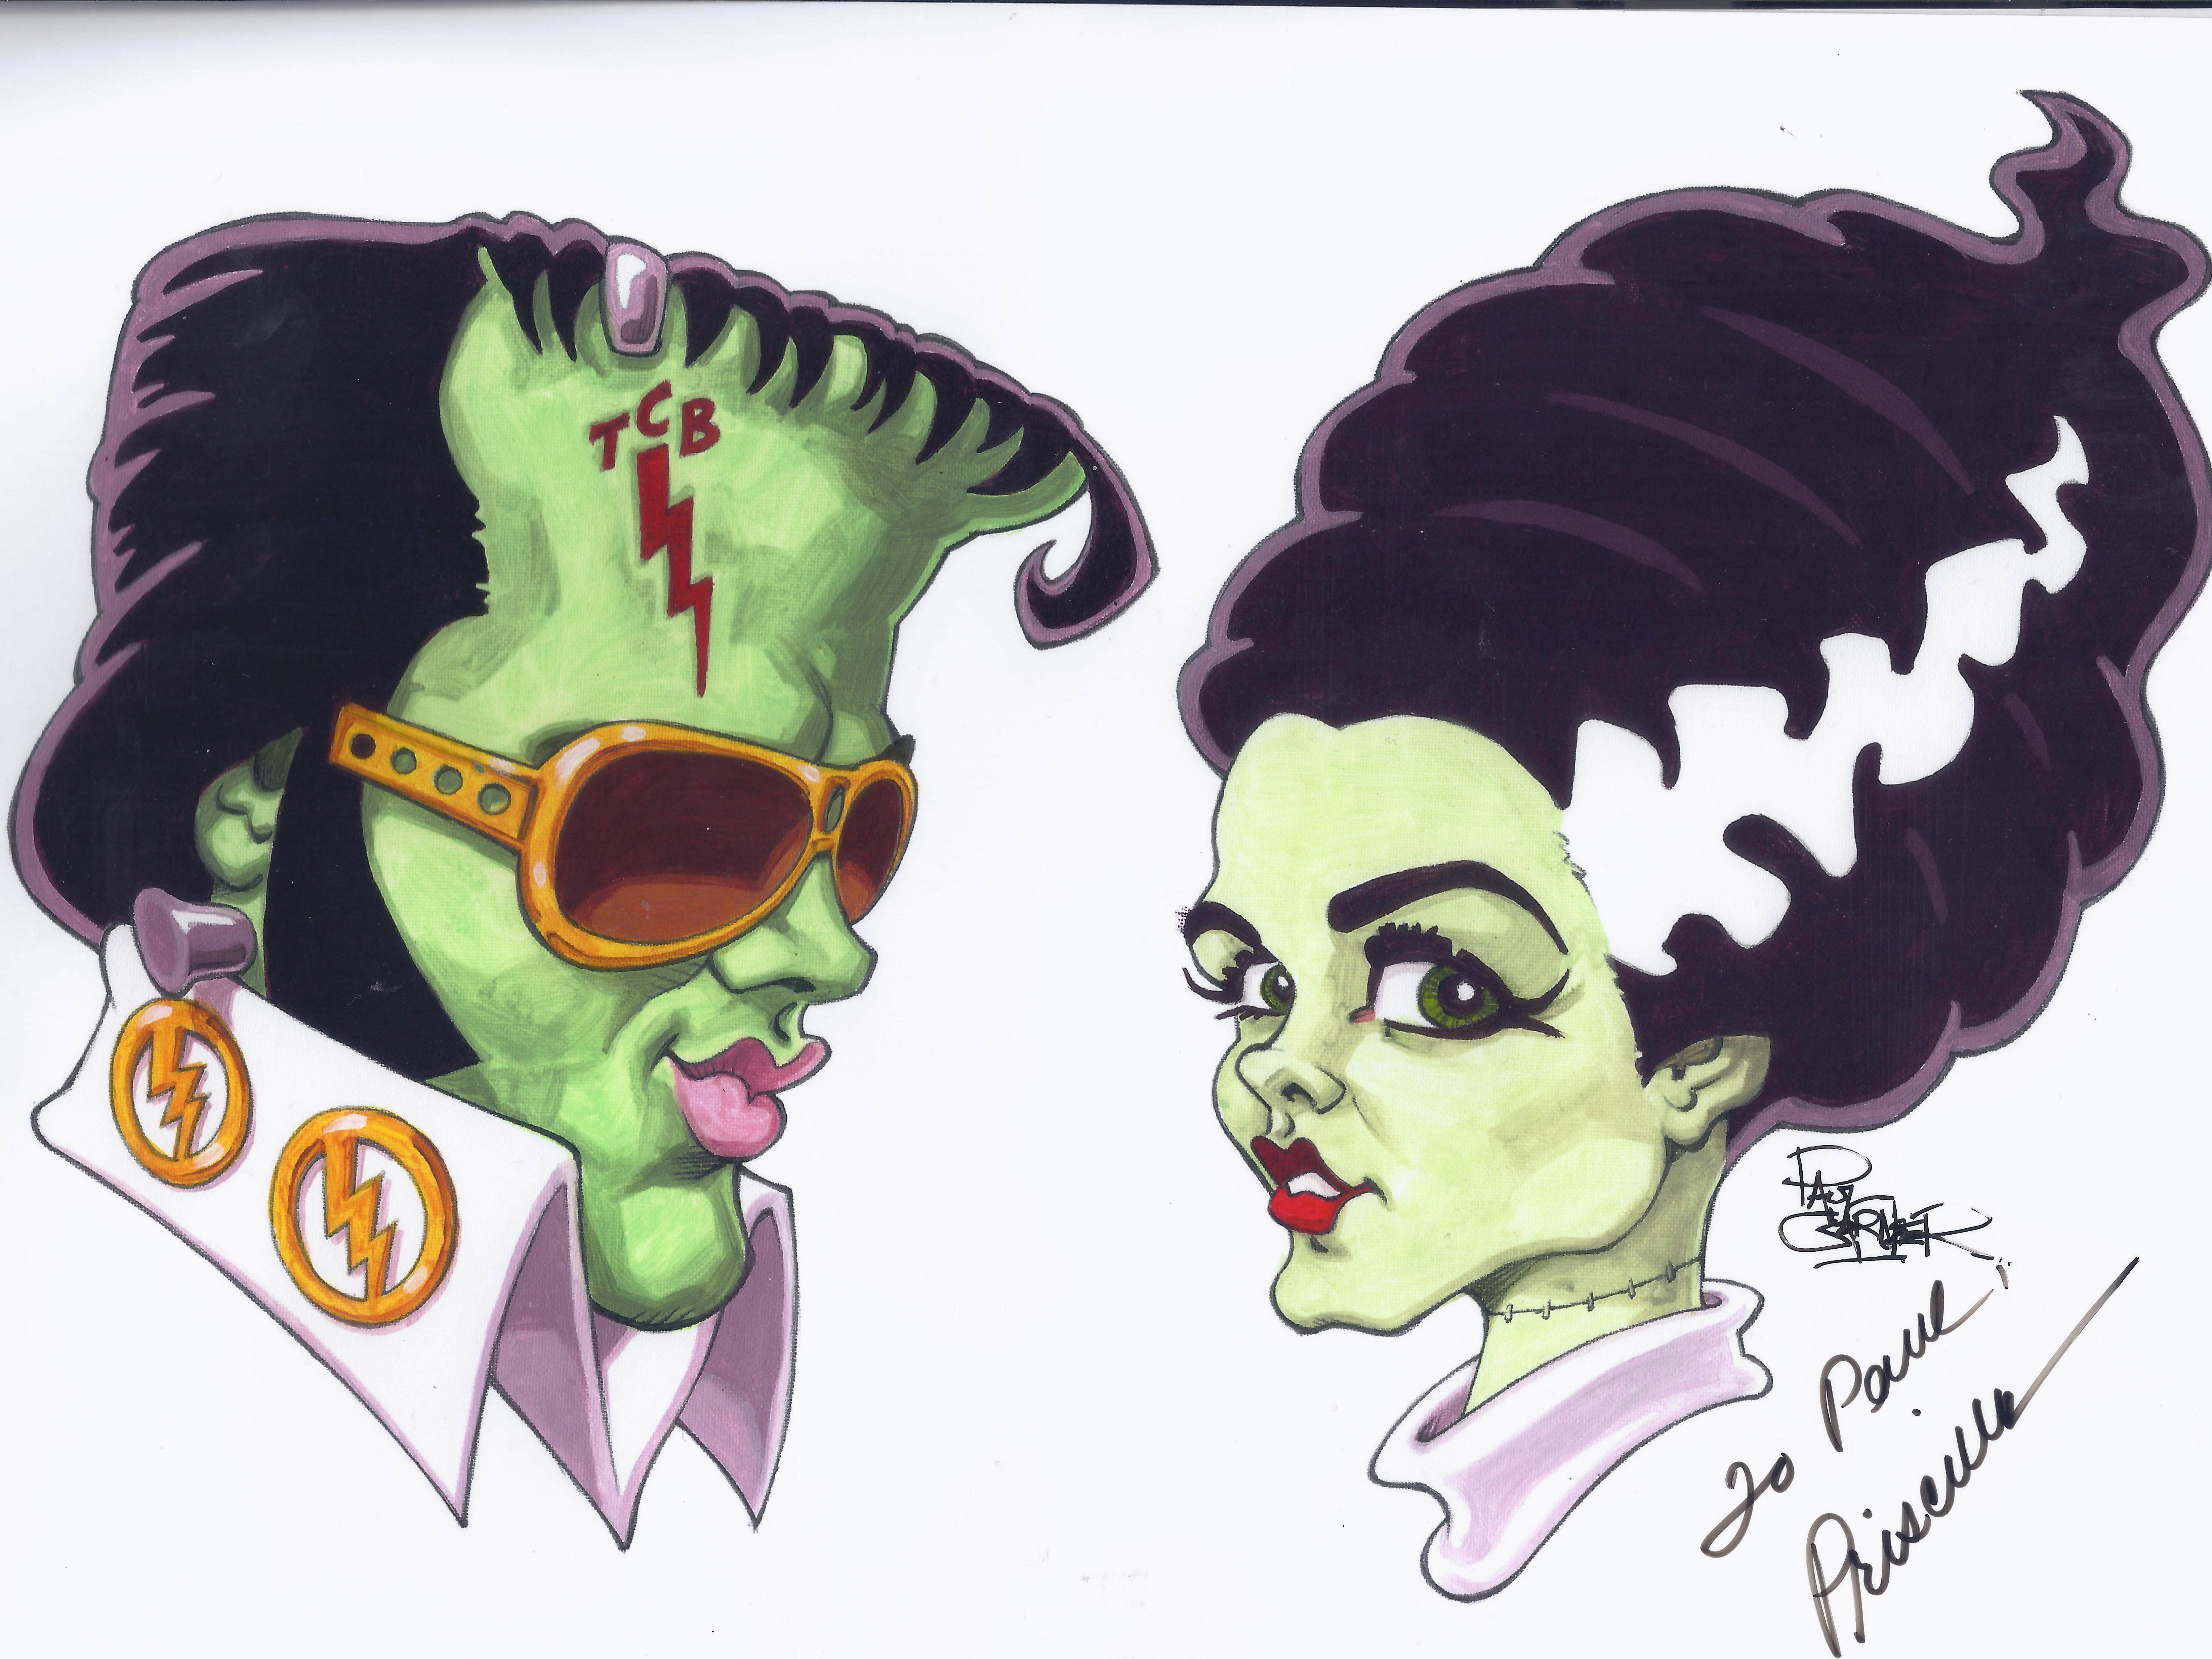 56582af6b264ca7aaf51_Elvis___Presilla_Frankenstein.jpg